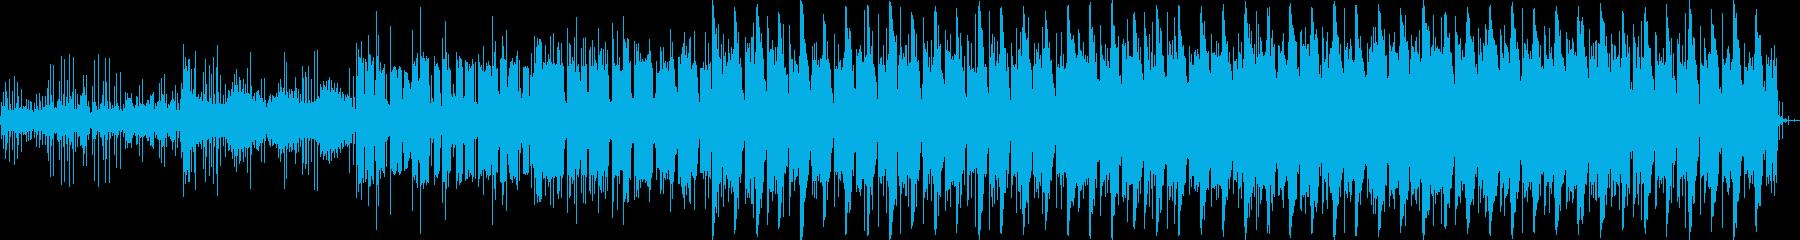 優しい  静か 近未来的 テクノの再生済みの波形